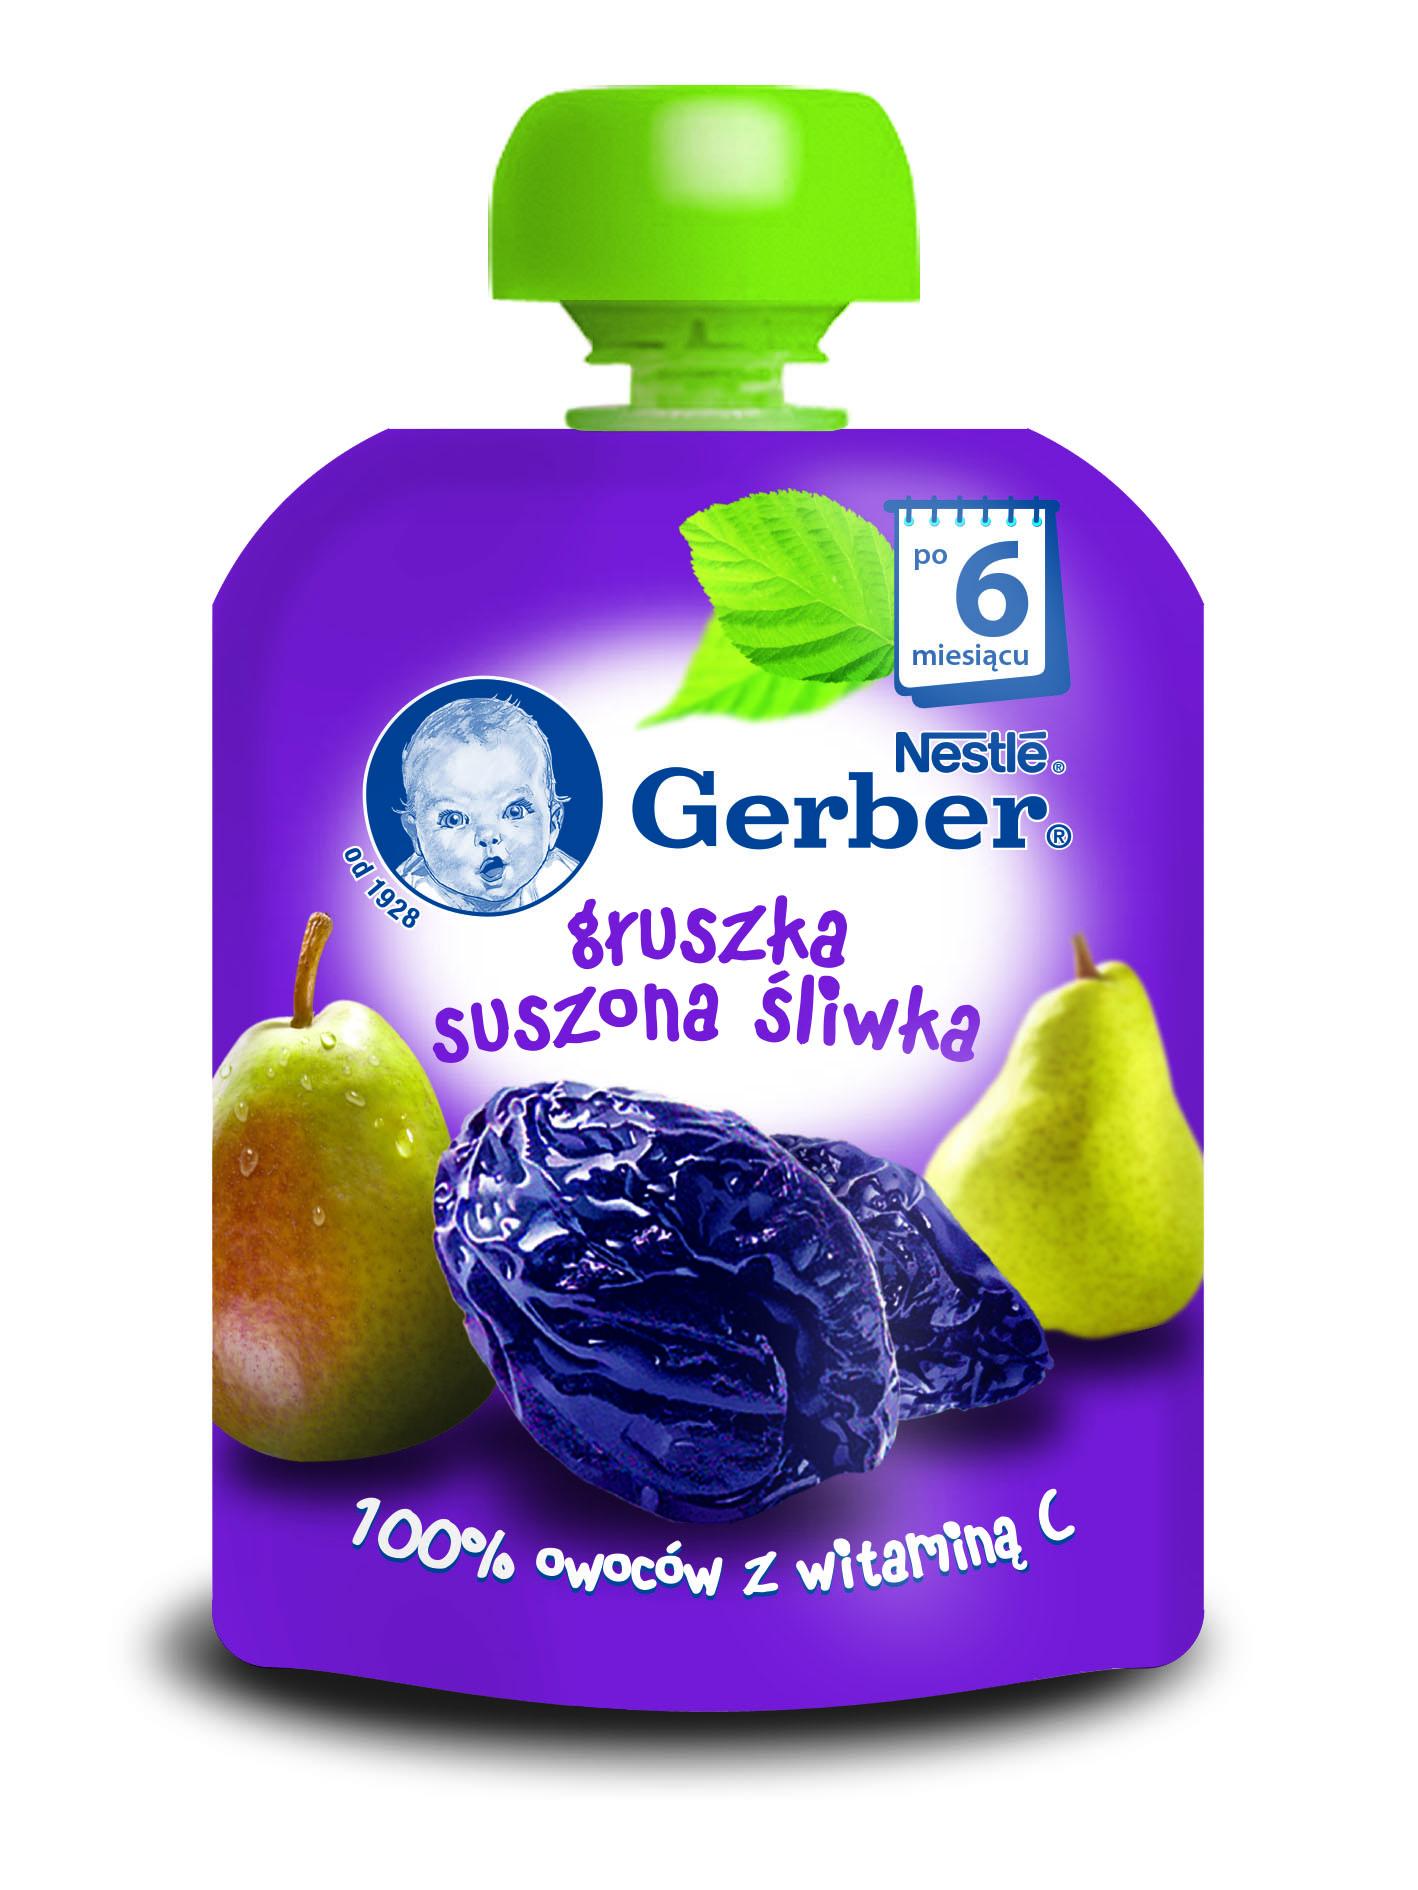 Feeria barw w nowych deserkach owocowych Gerber